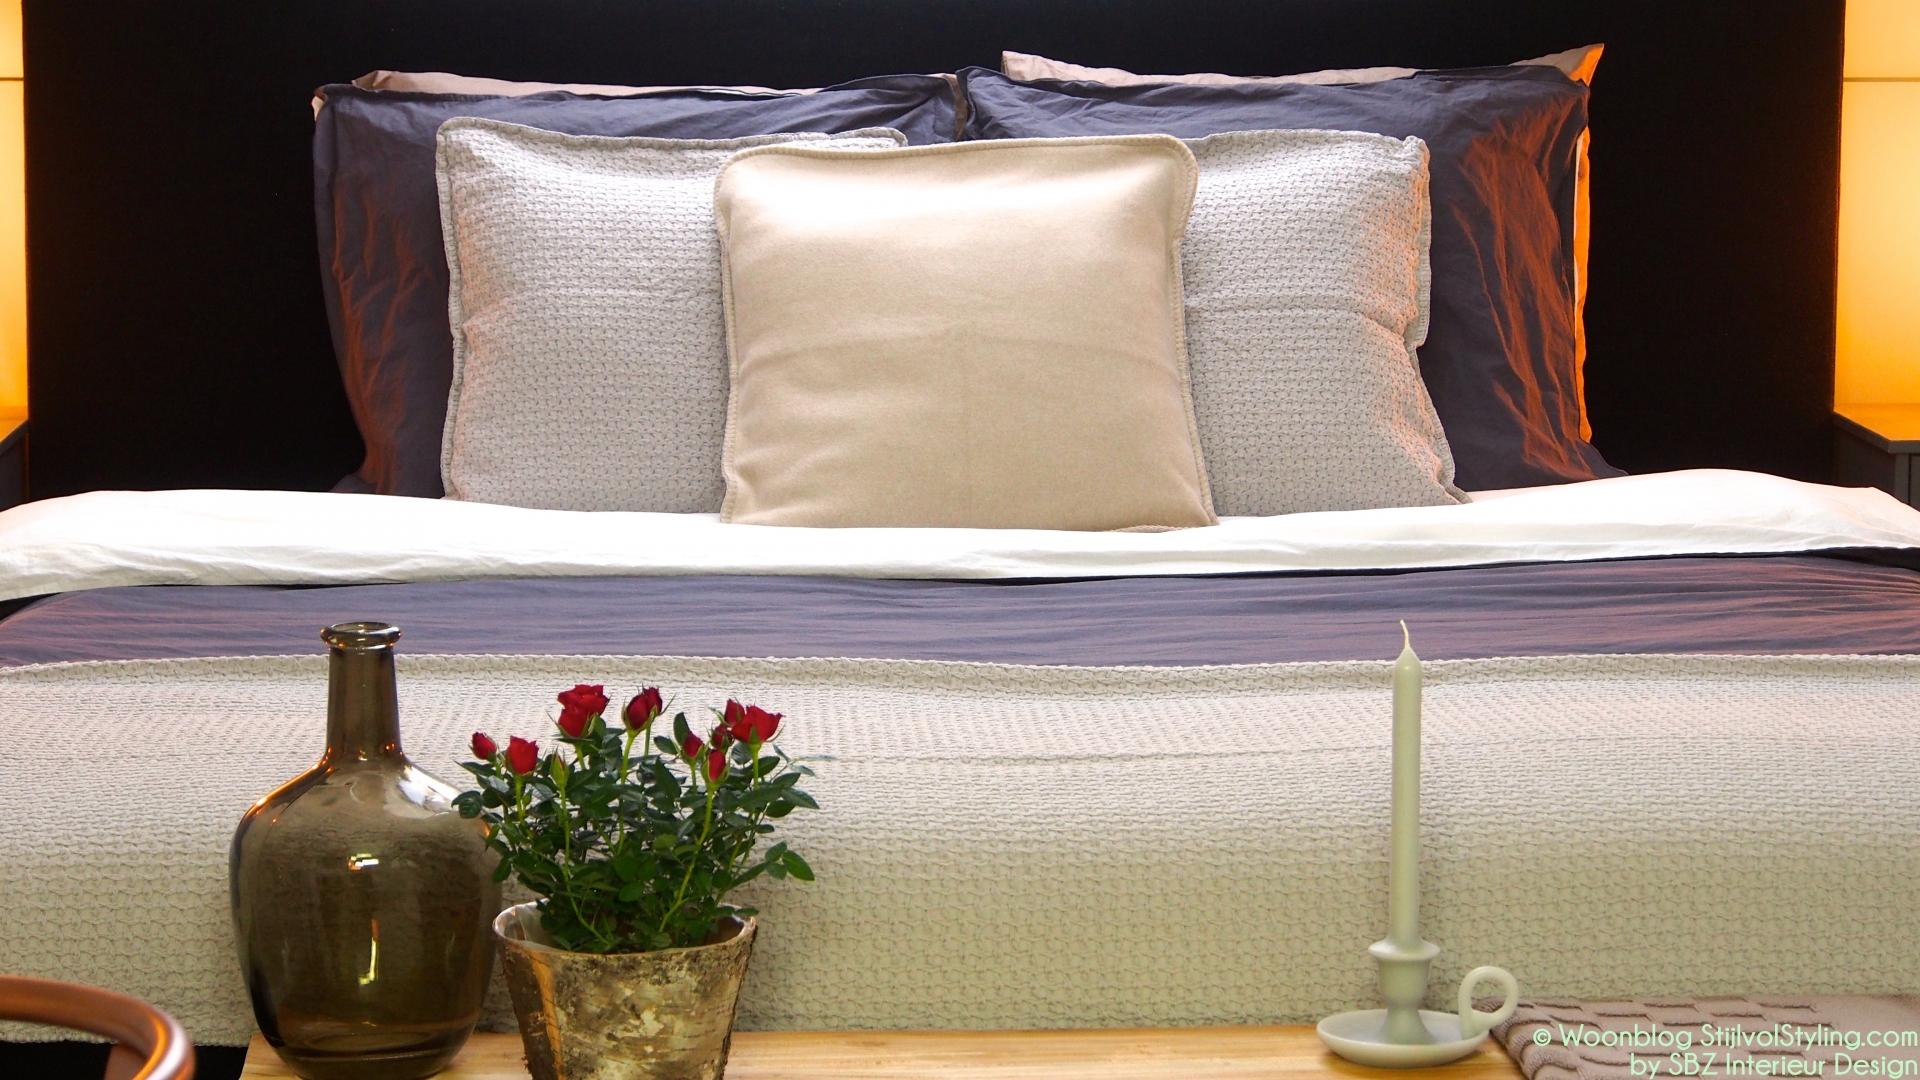 Interieur  Luxe hotel gevoel in eigen slaapkamer • Stijlvol Styling ...